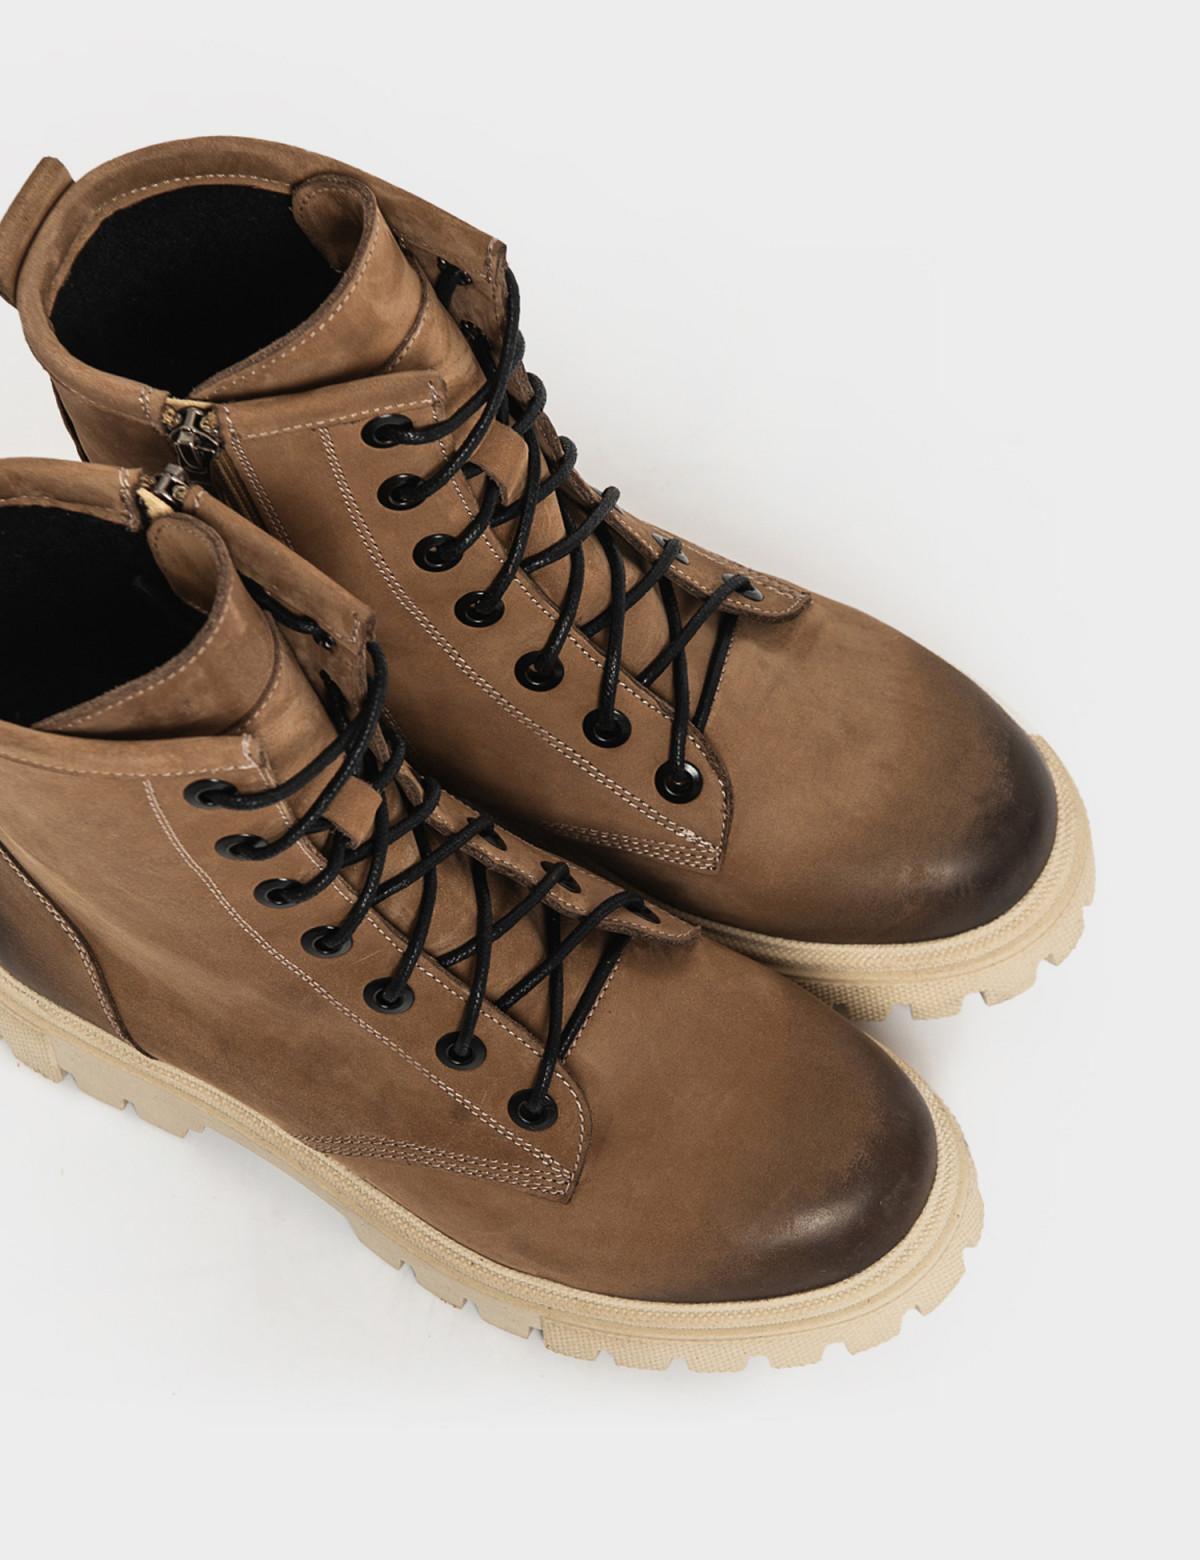 Ботинки бежевые. Натуральный нубук. Байка3